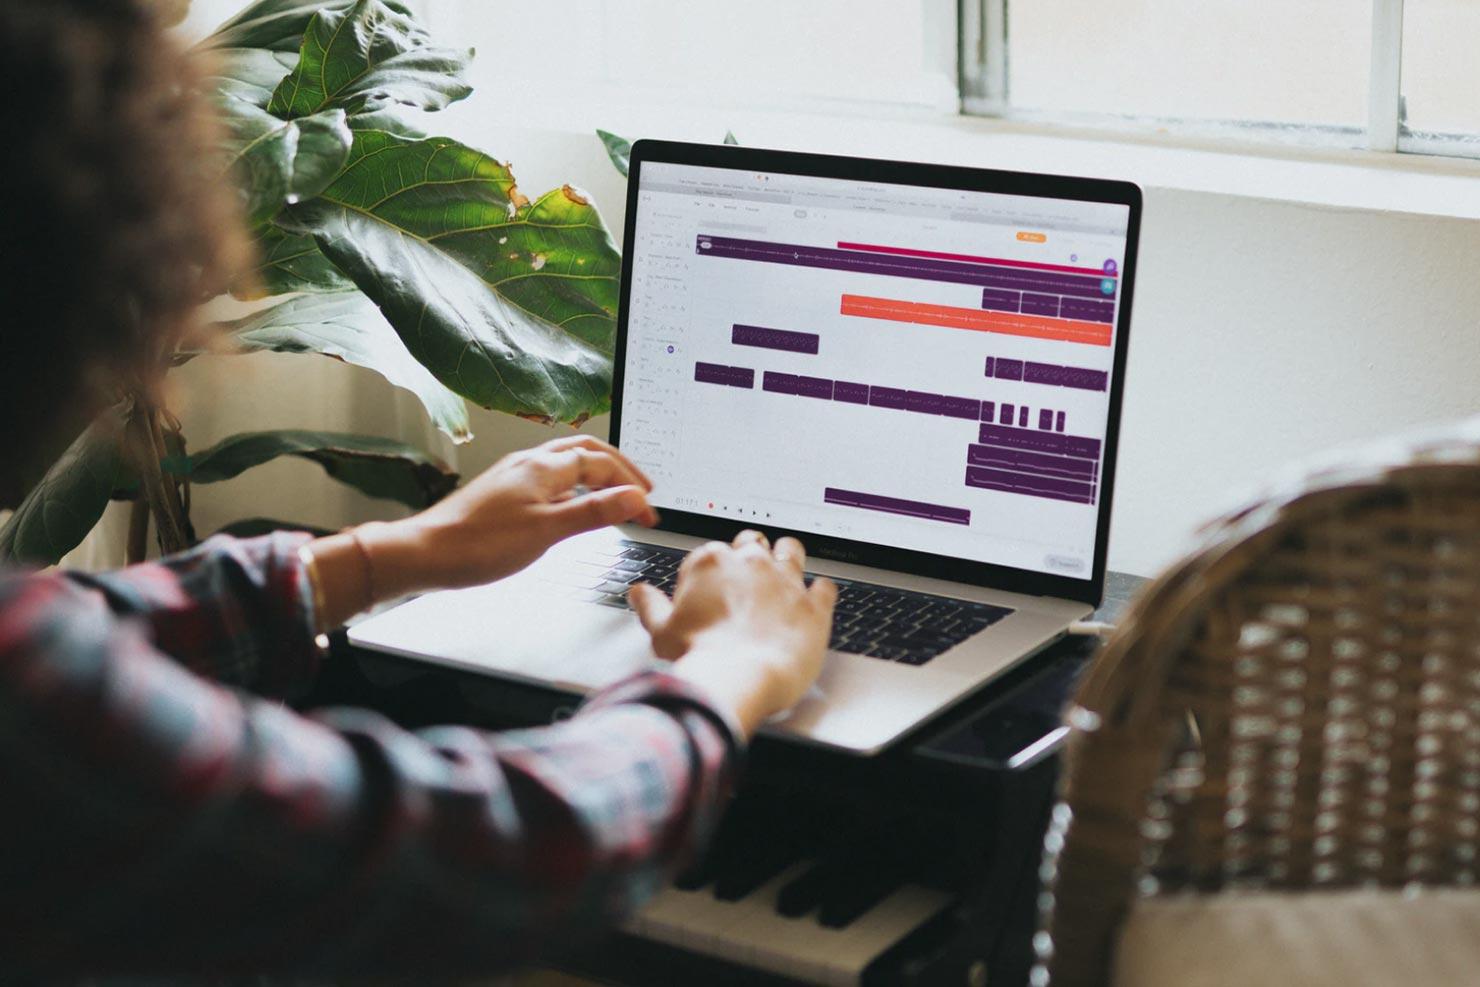 ノート パソコンを開き、スケジュール作成ツールを画面に表示して作業している人